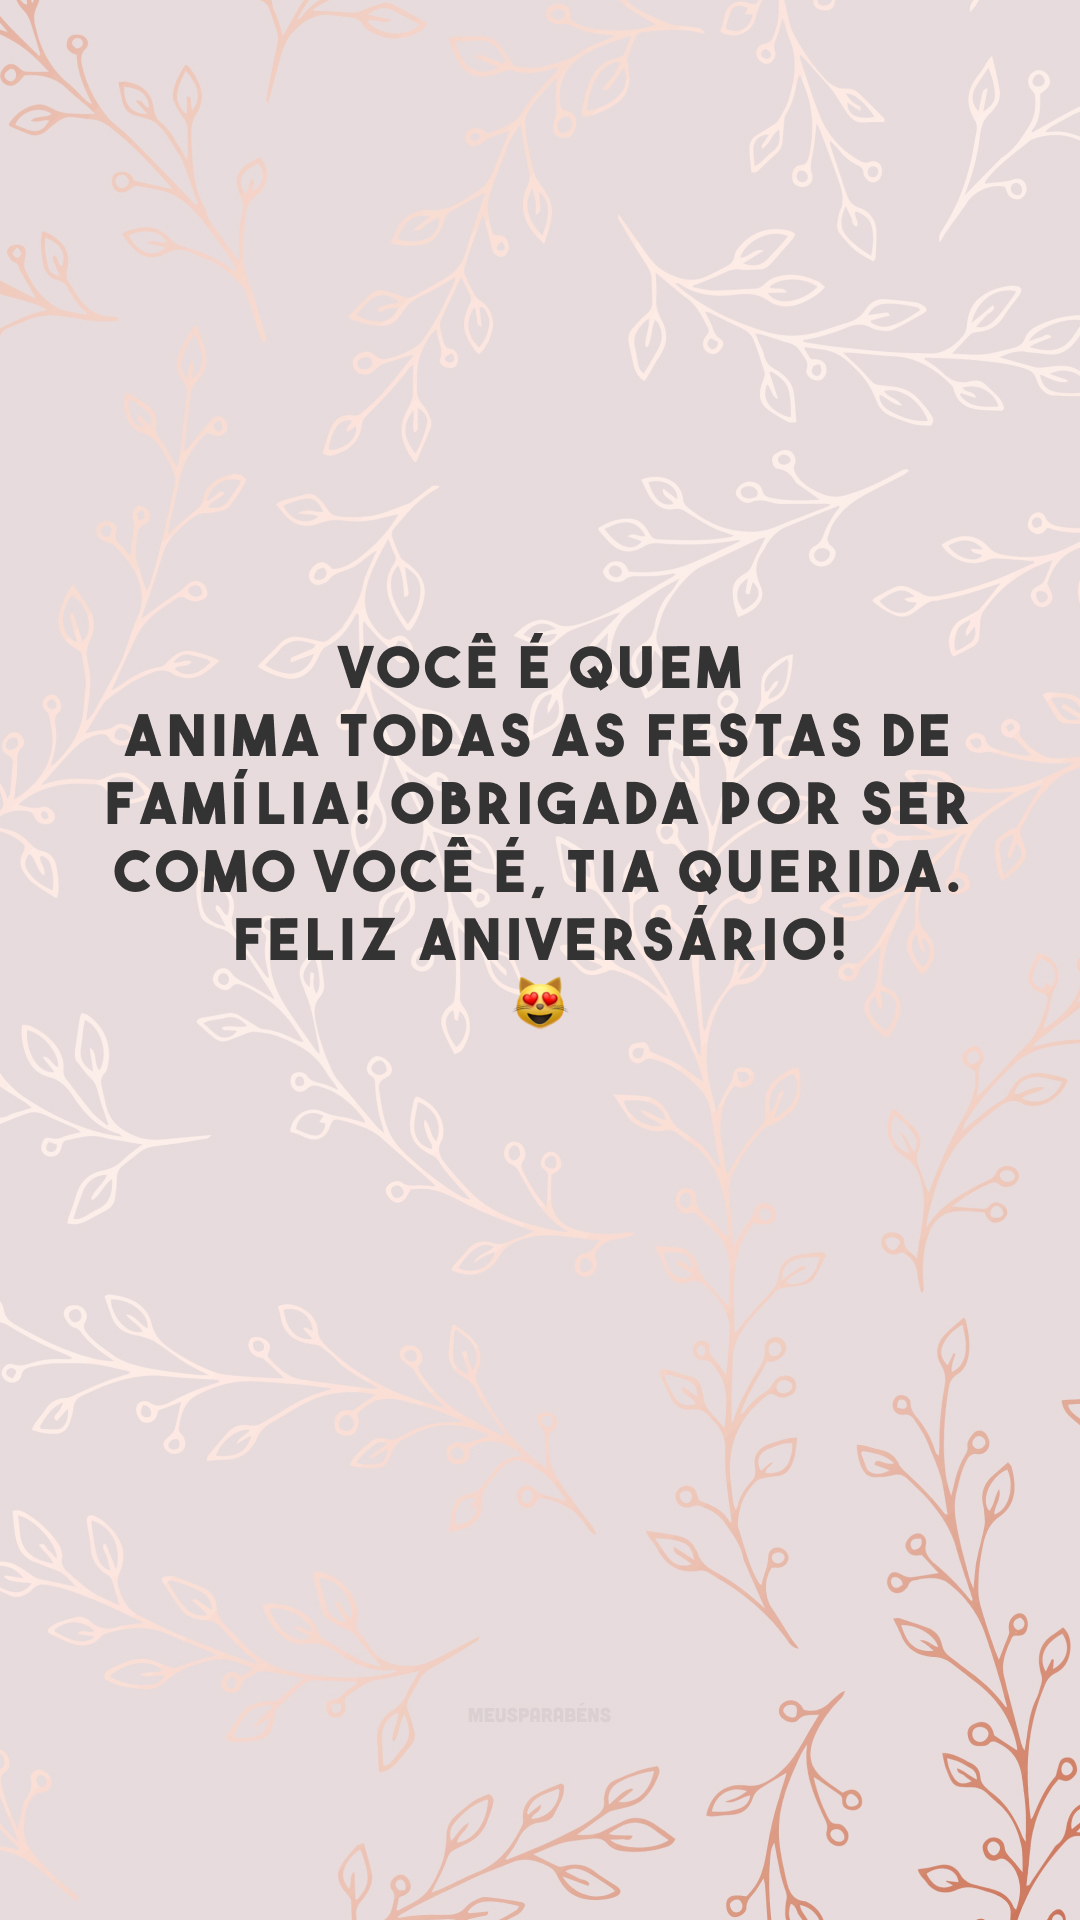 Você é quem anima todas as festas de família! Obrigada por ser como você é, tia querida. Feliz aniversário! 😻